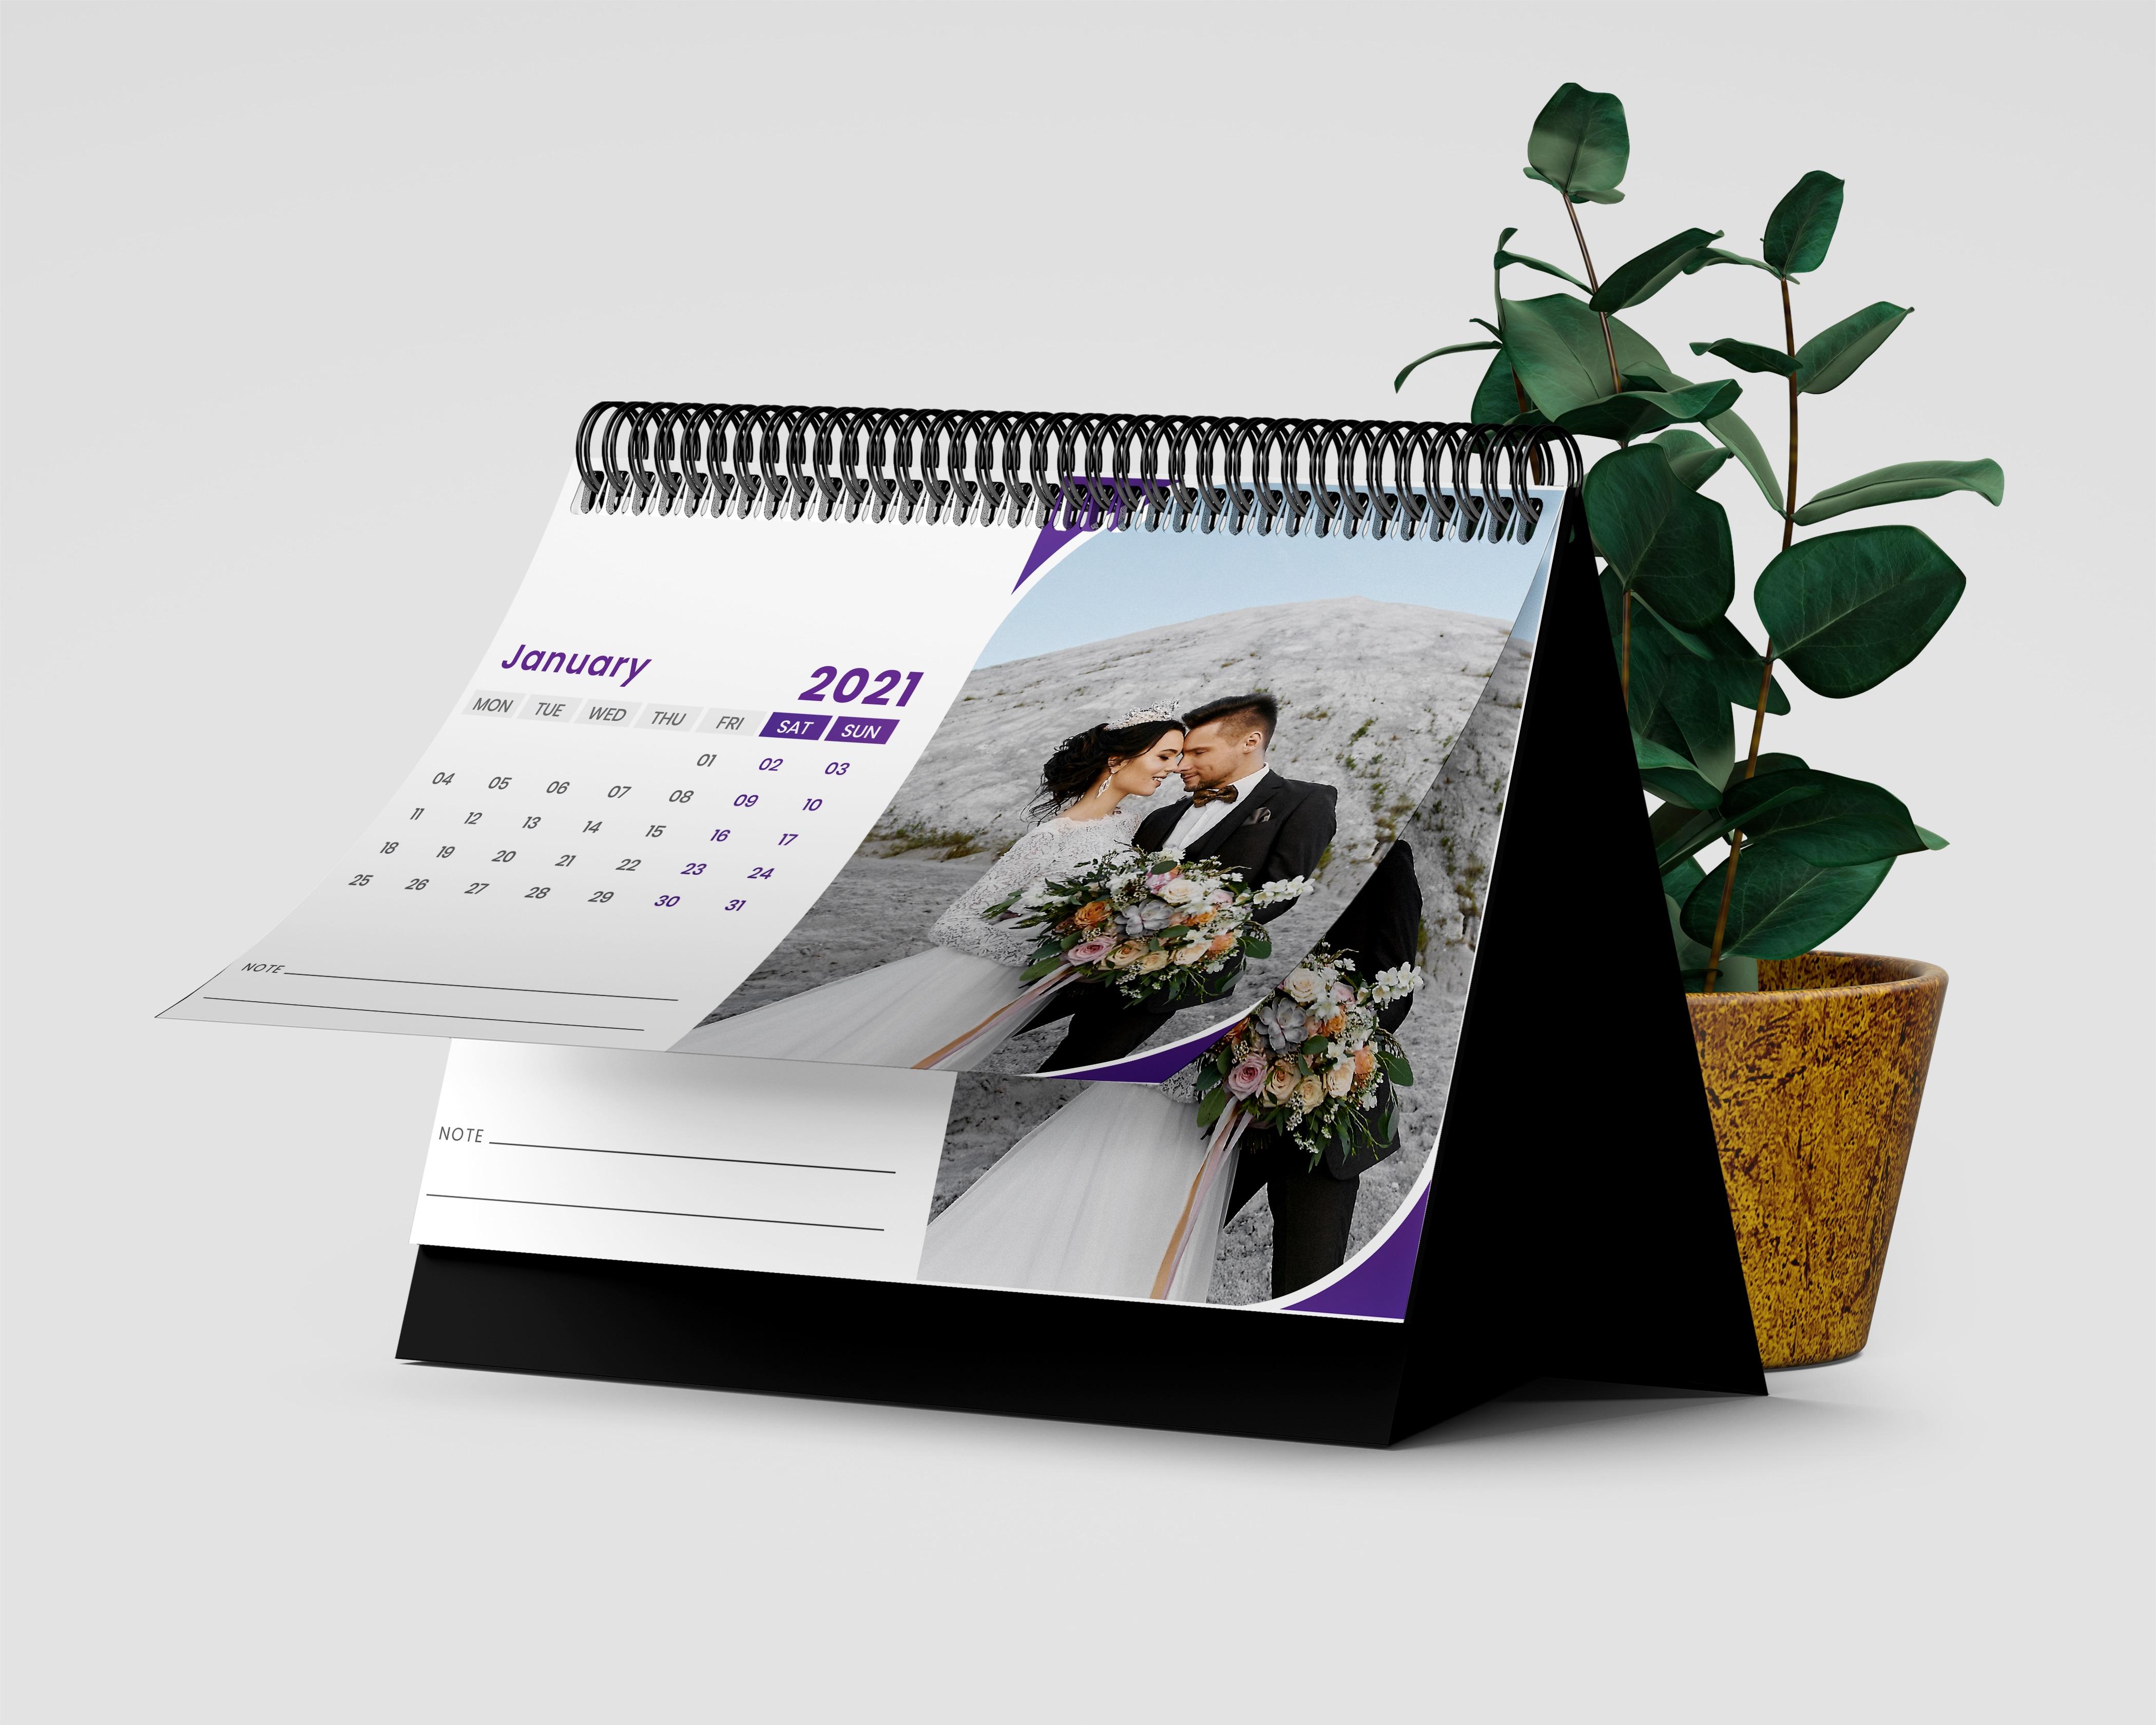 Персонализированный стол для фотографий 2021 календарь/календарь для фото на заказ/печать самостоятельного подарка 2021 с вашими фотографиями...